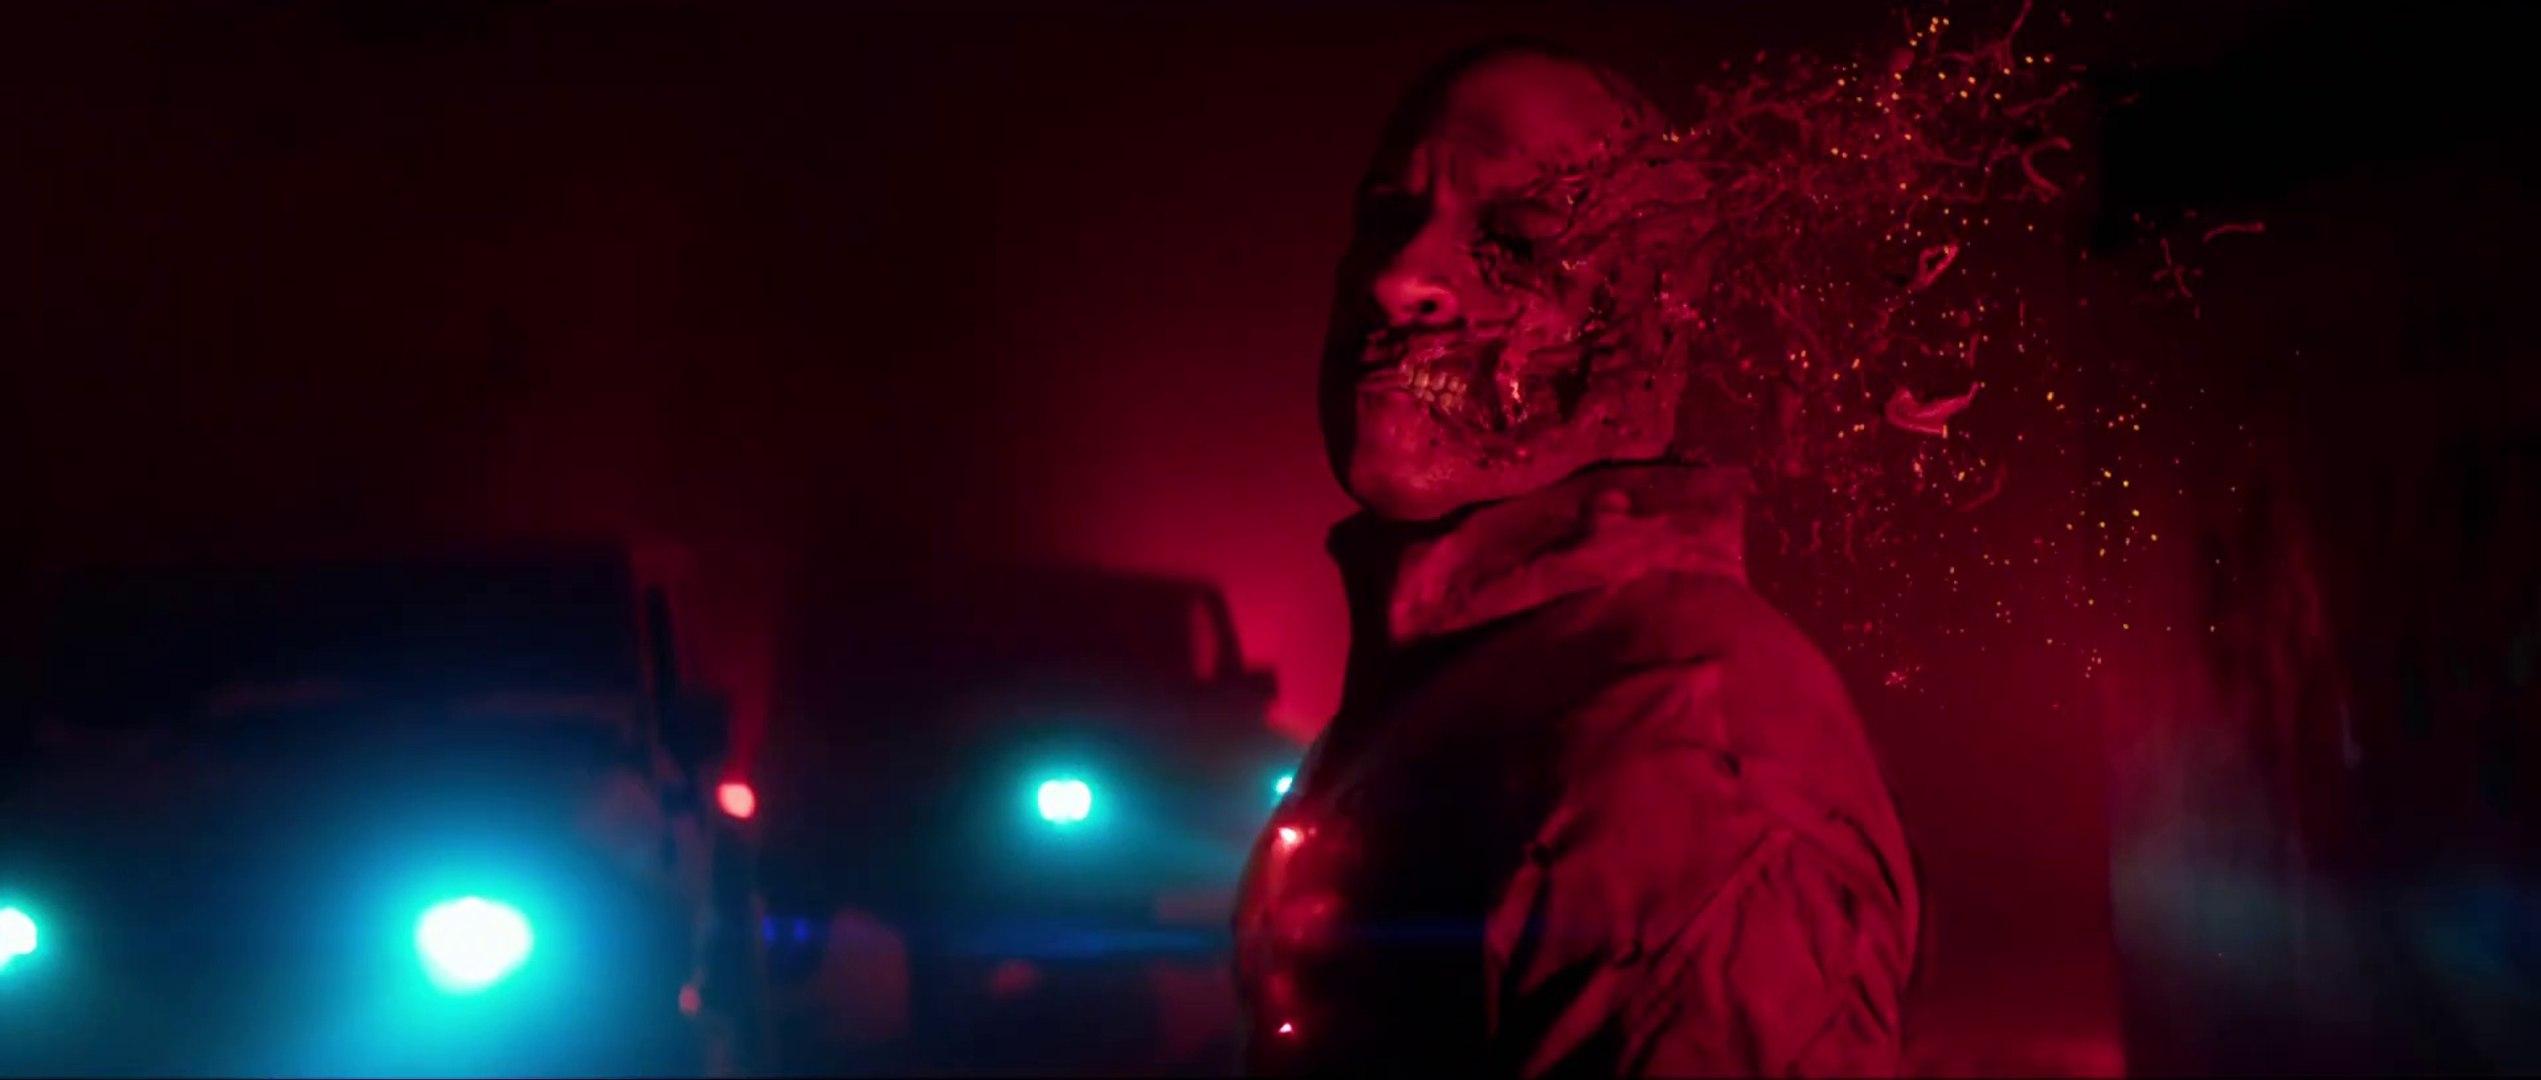 Bloodshot - Bande-annonce #2 avec Vin Diesel (VOST)